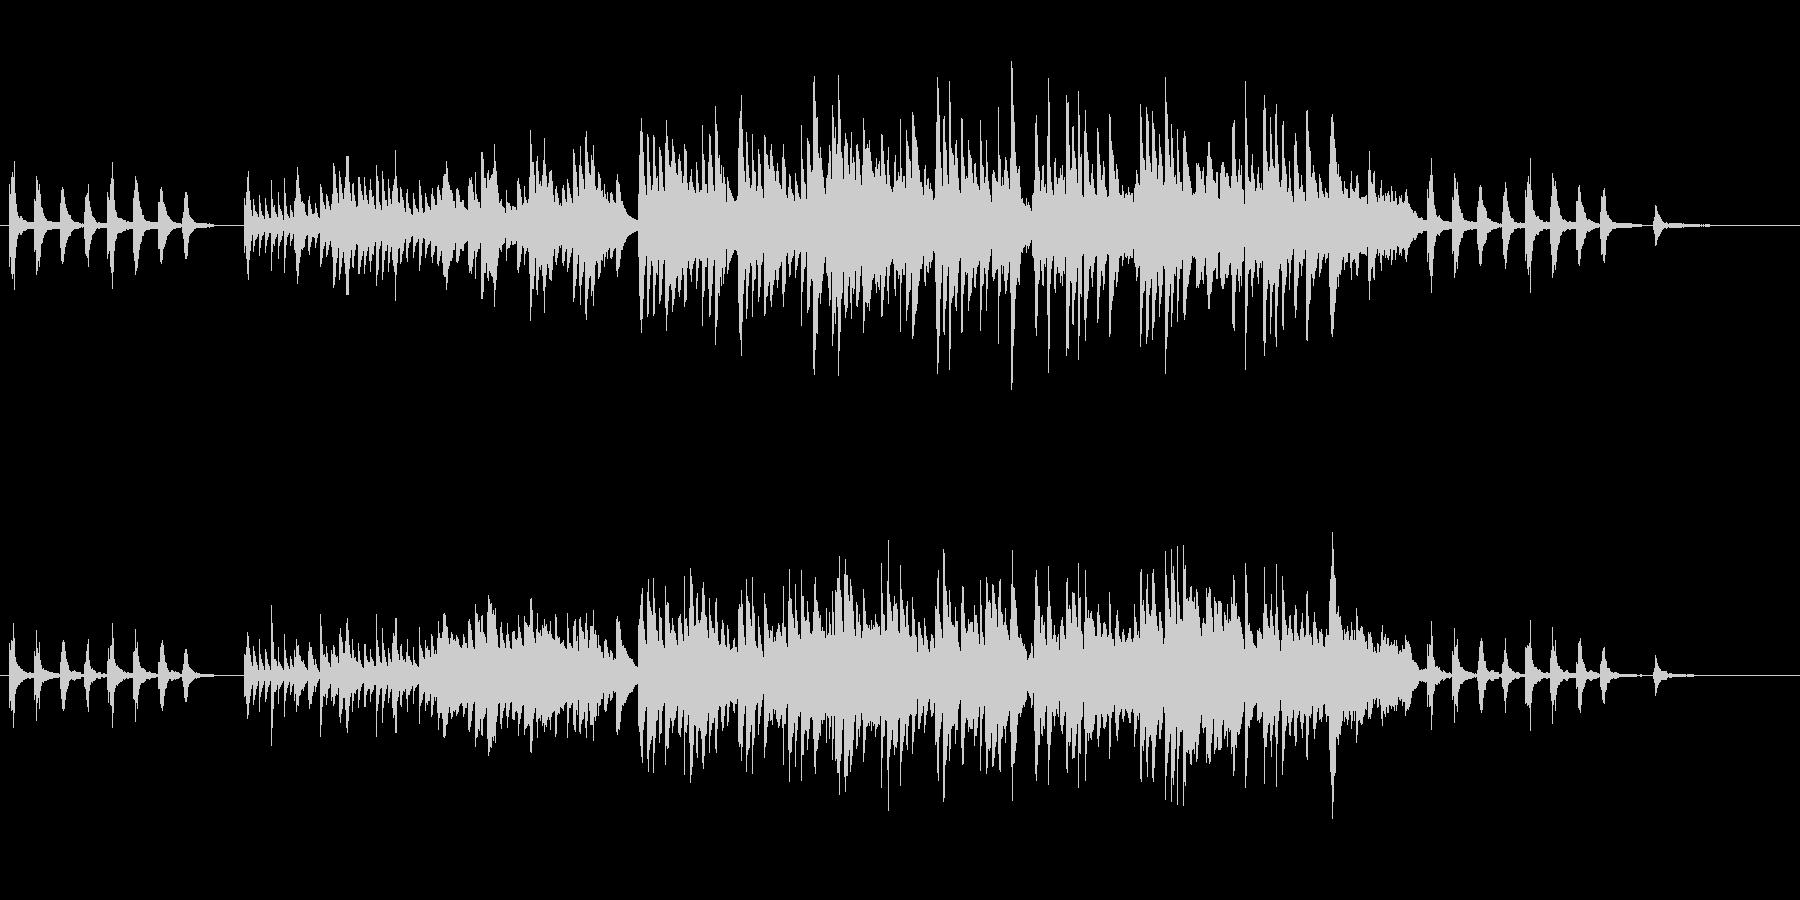 【ピアノ】映像系に合いそうな切ないピアノの未再生の波形